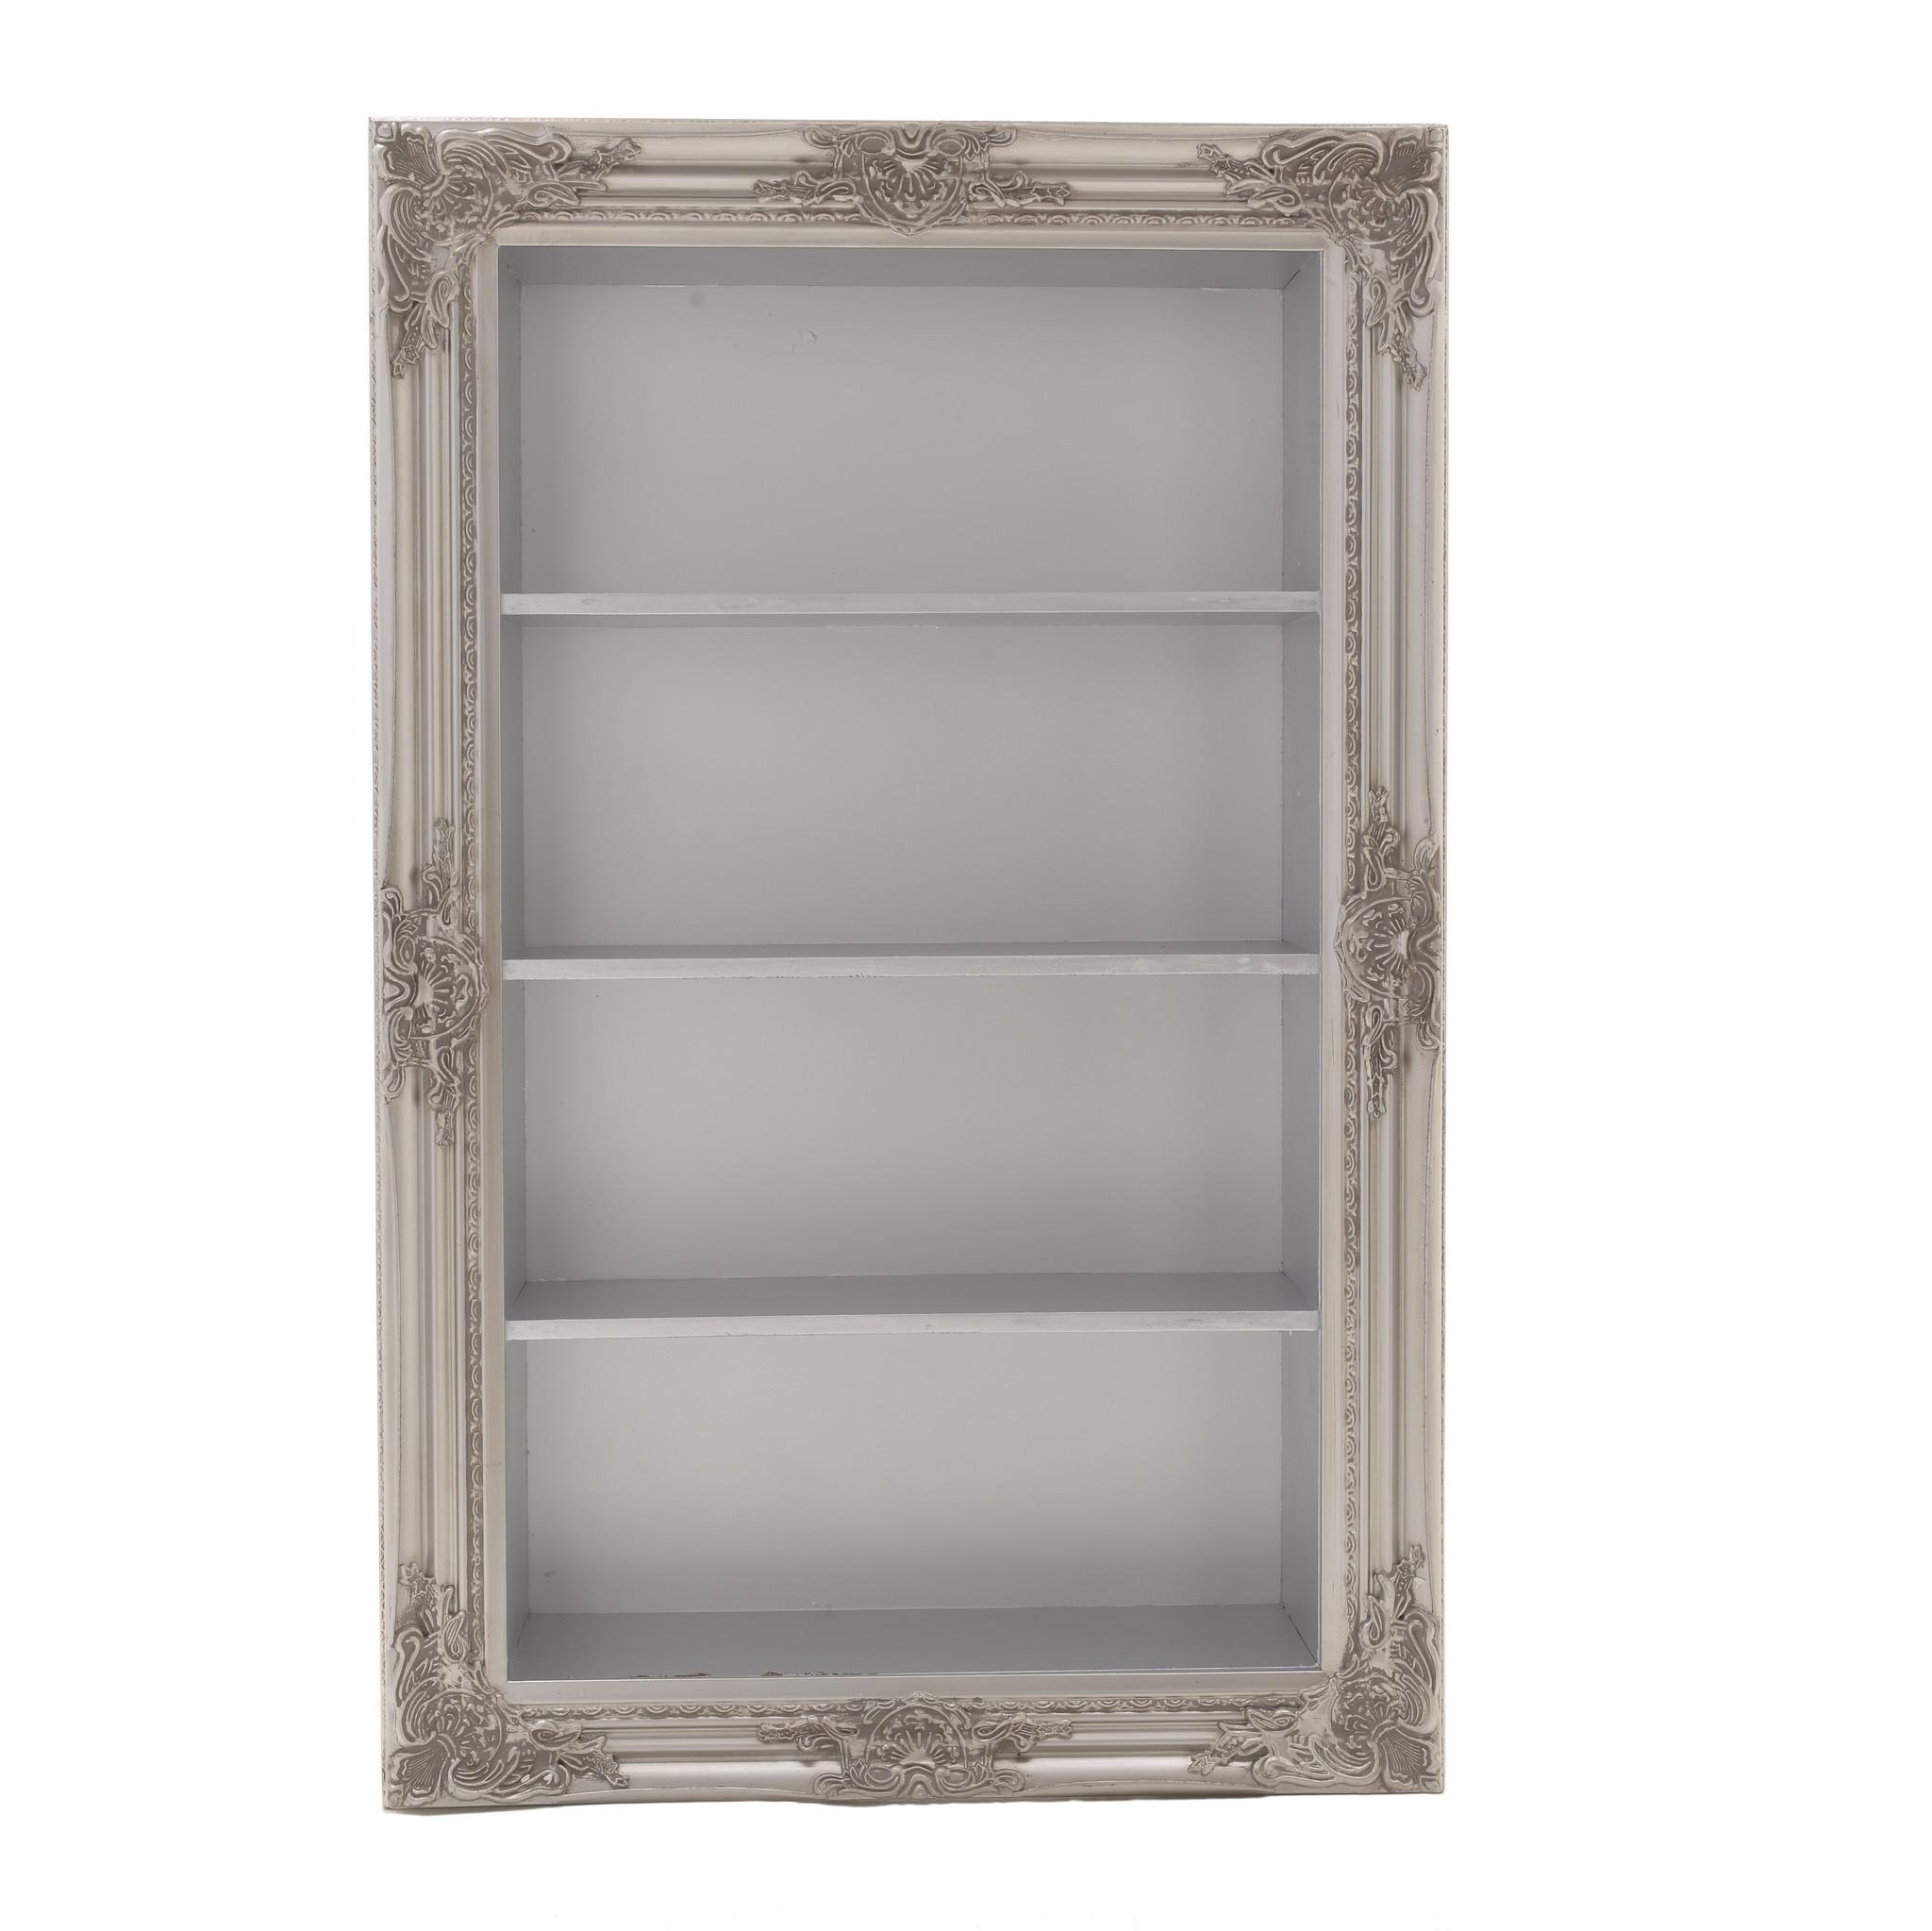 Стеллаж-витрина настенный серебристого цвета